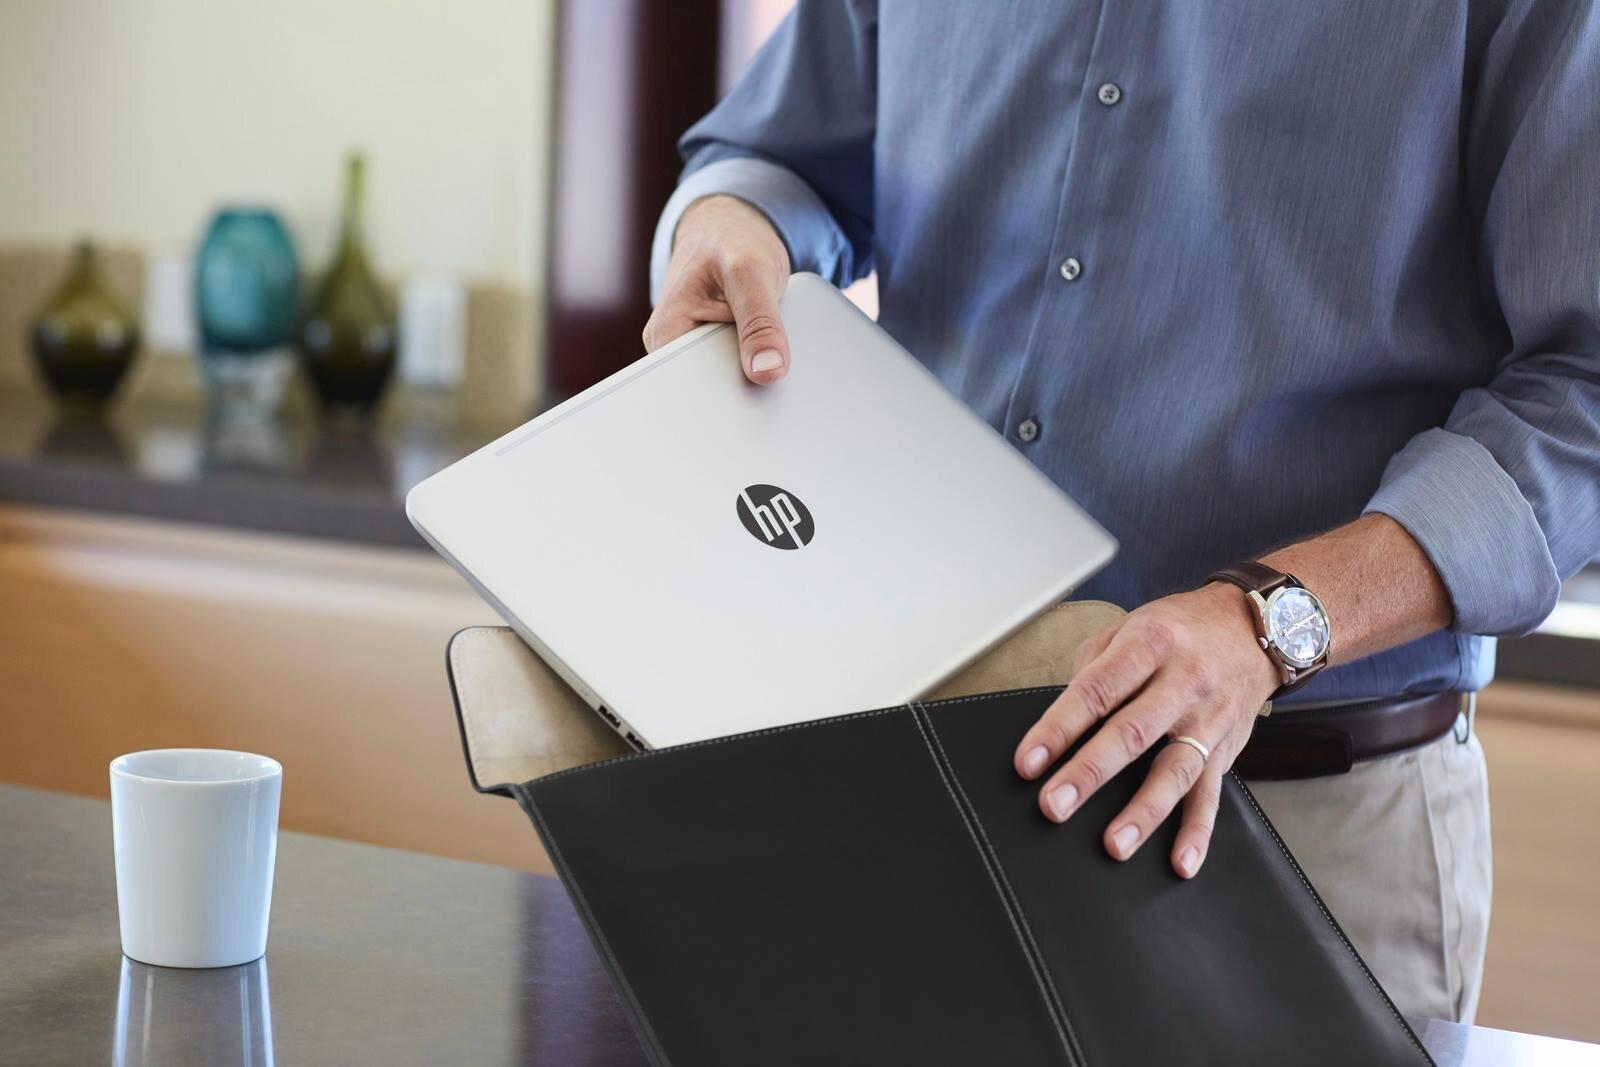 Laptop HP Envy 13 được làm từ hợp kim nhôm, tạo nên vẻ ngoài sang trọng, đẳng cấp